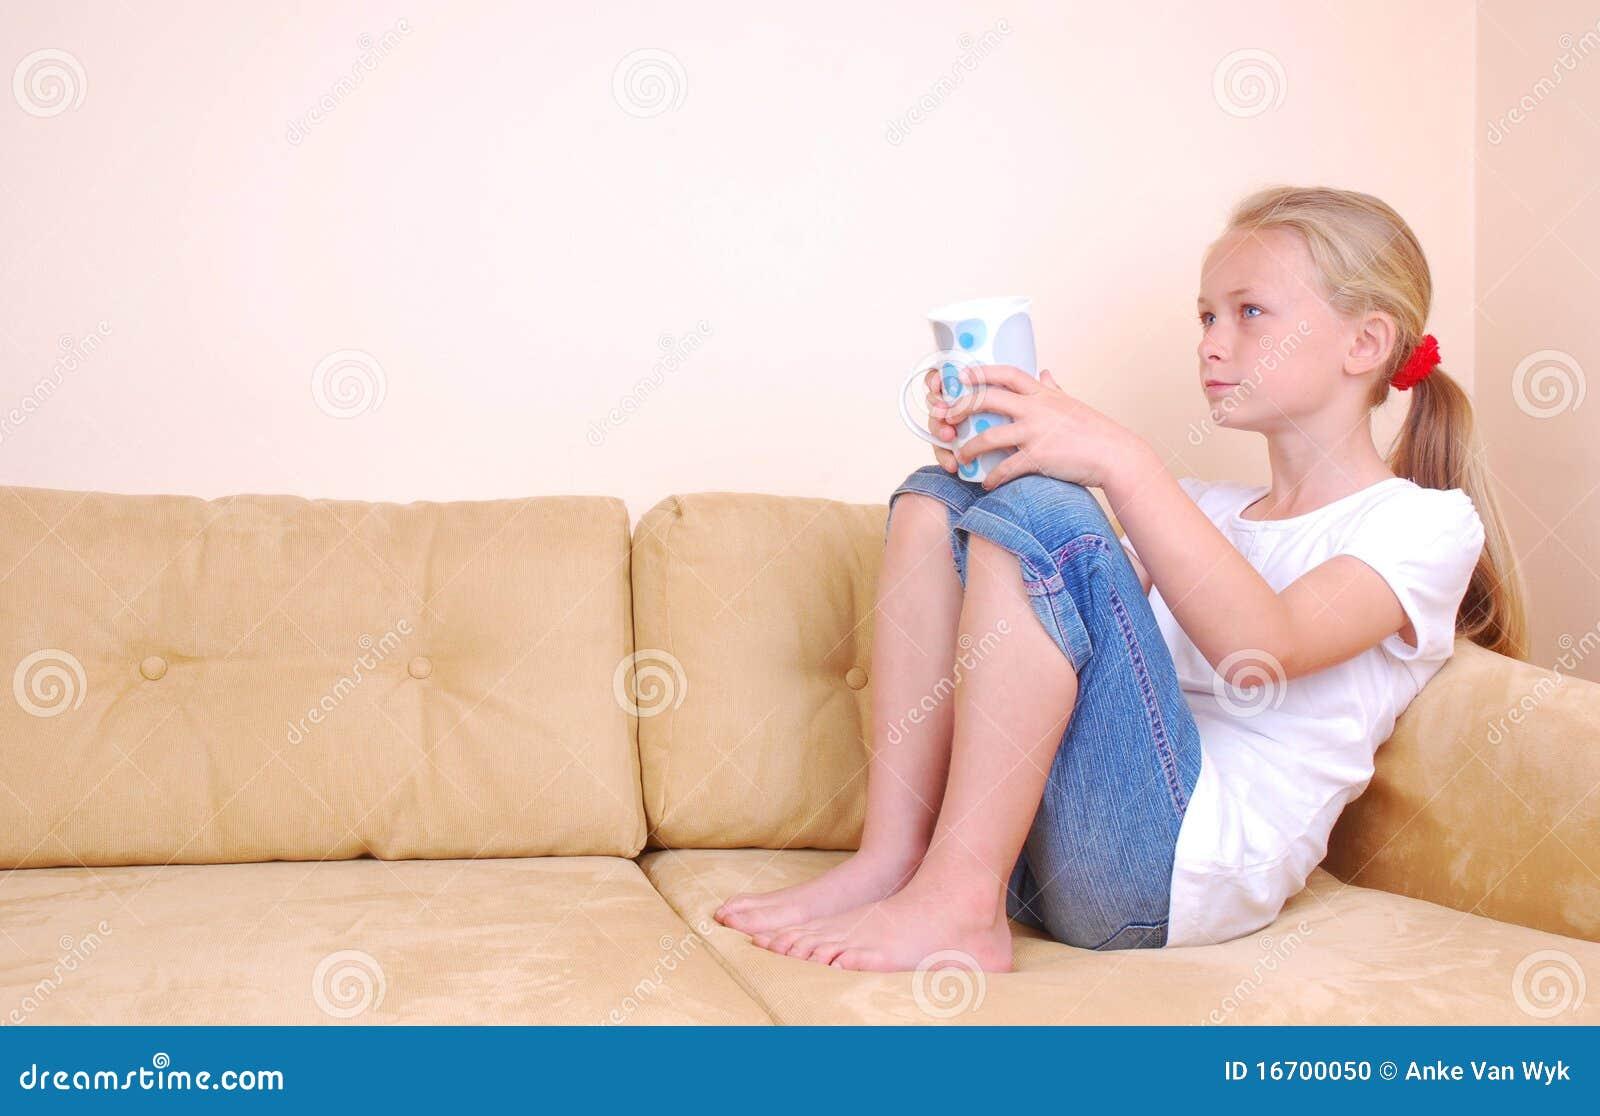 little girl watching tv stock photo image 16700050